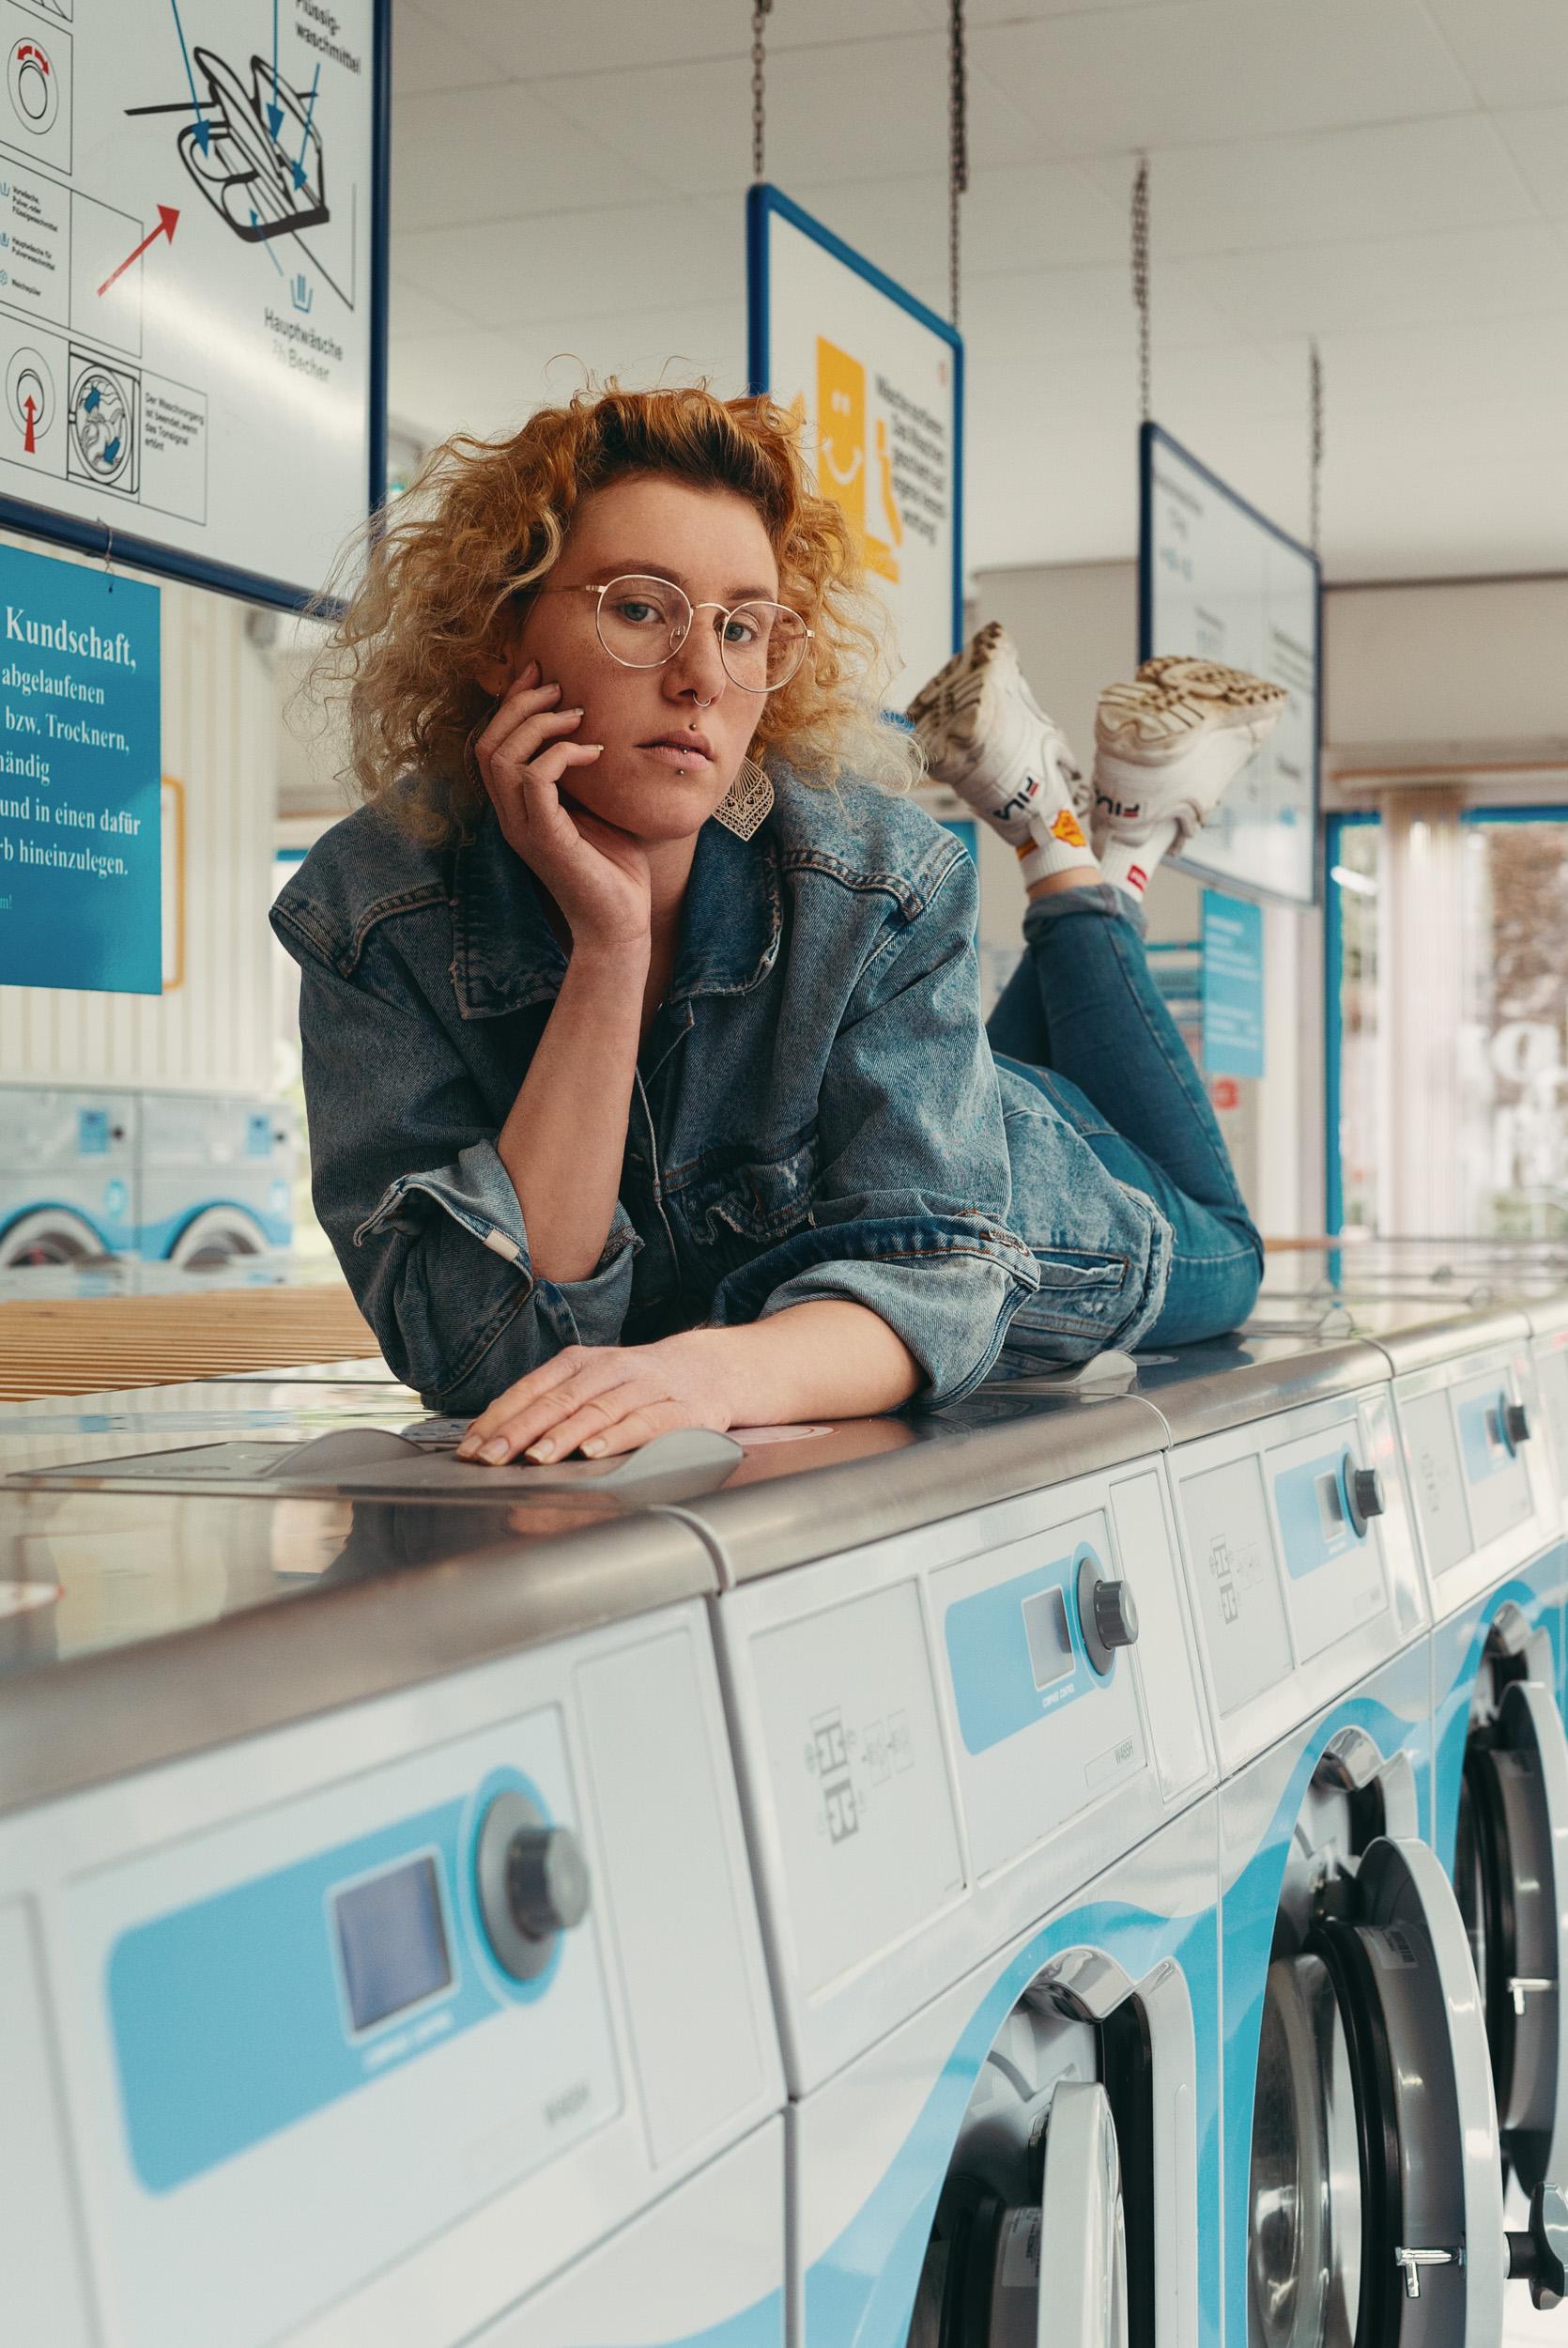 Laundry is on Dana | Jill Abanico Fotografie - Ruhrgebiet - Mülheim an der Ruhr